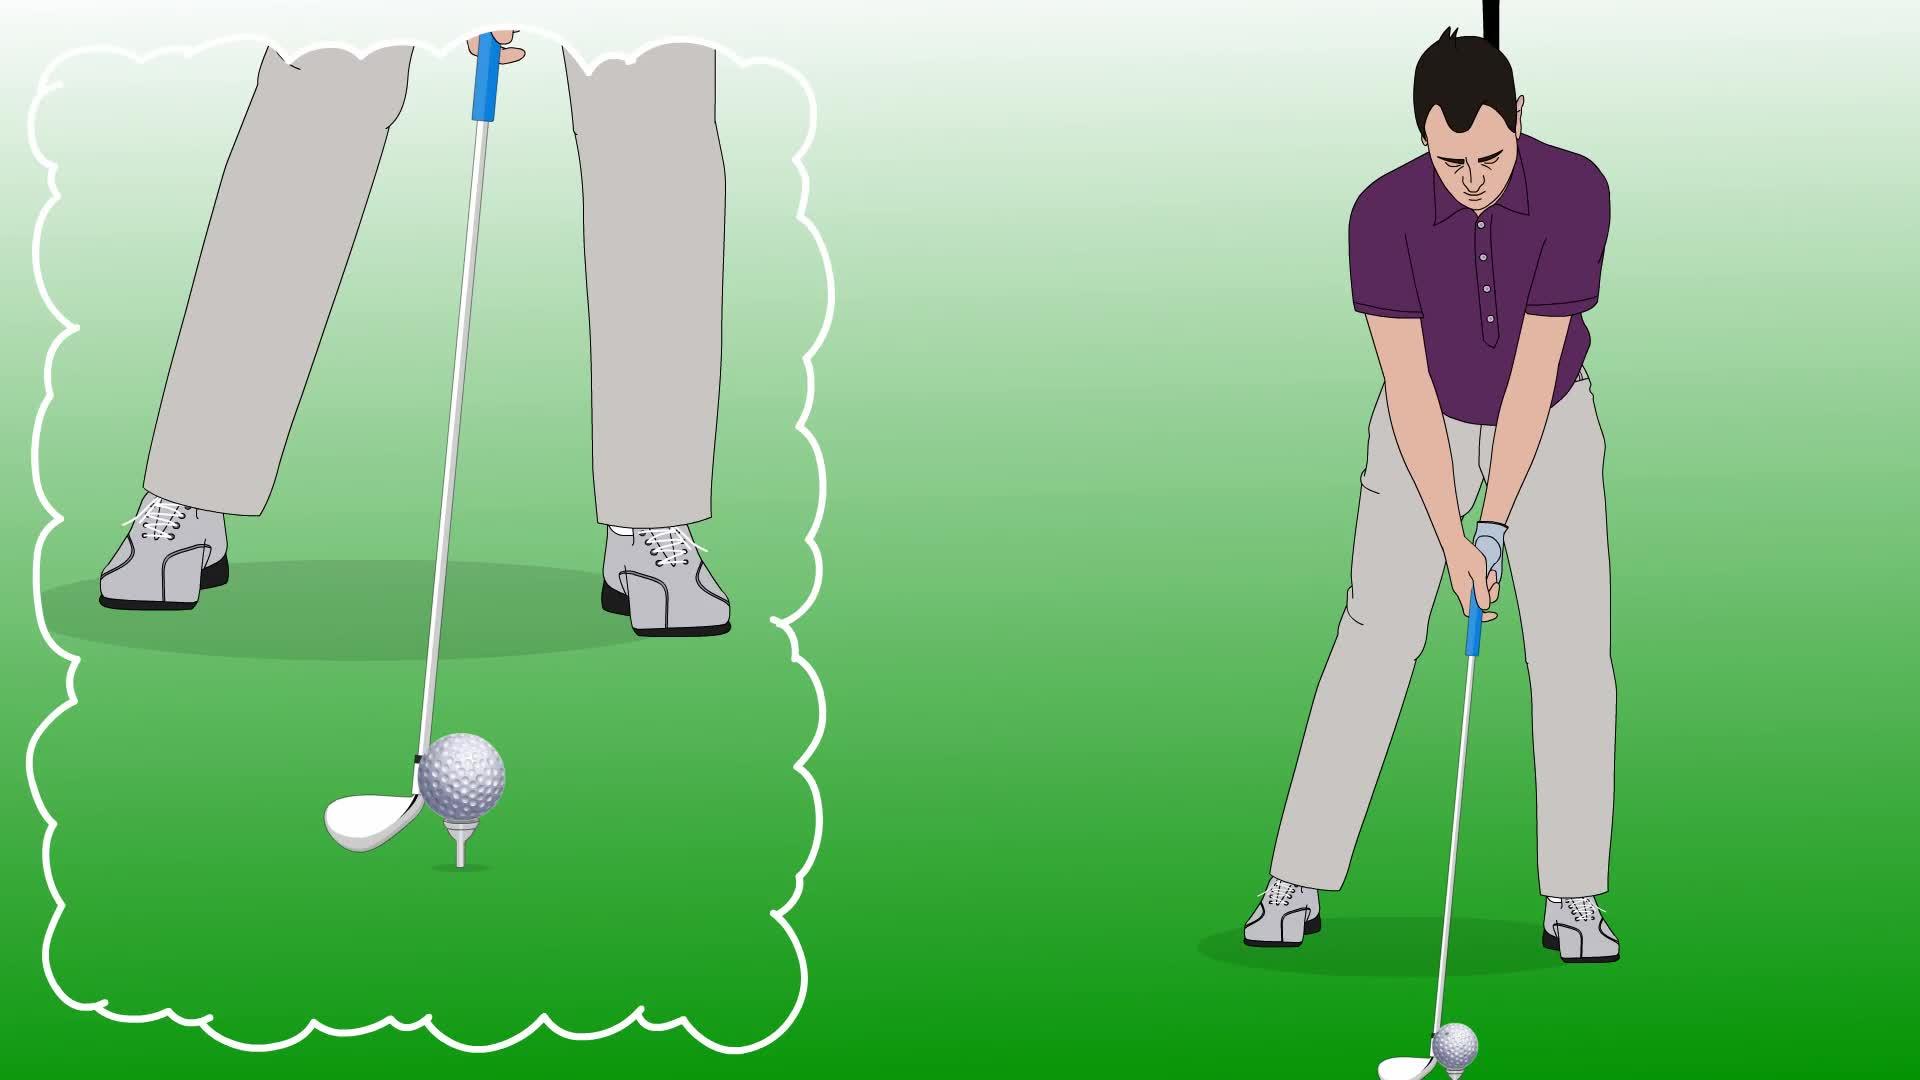 Memegang tongkat golf